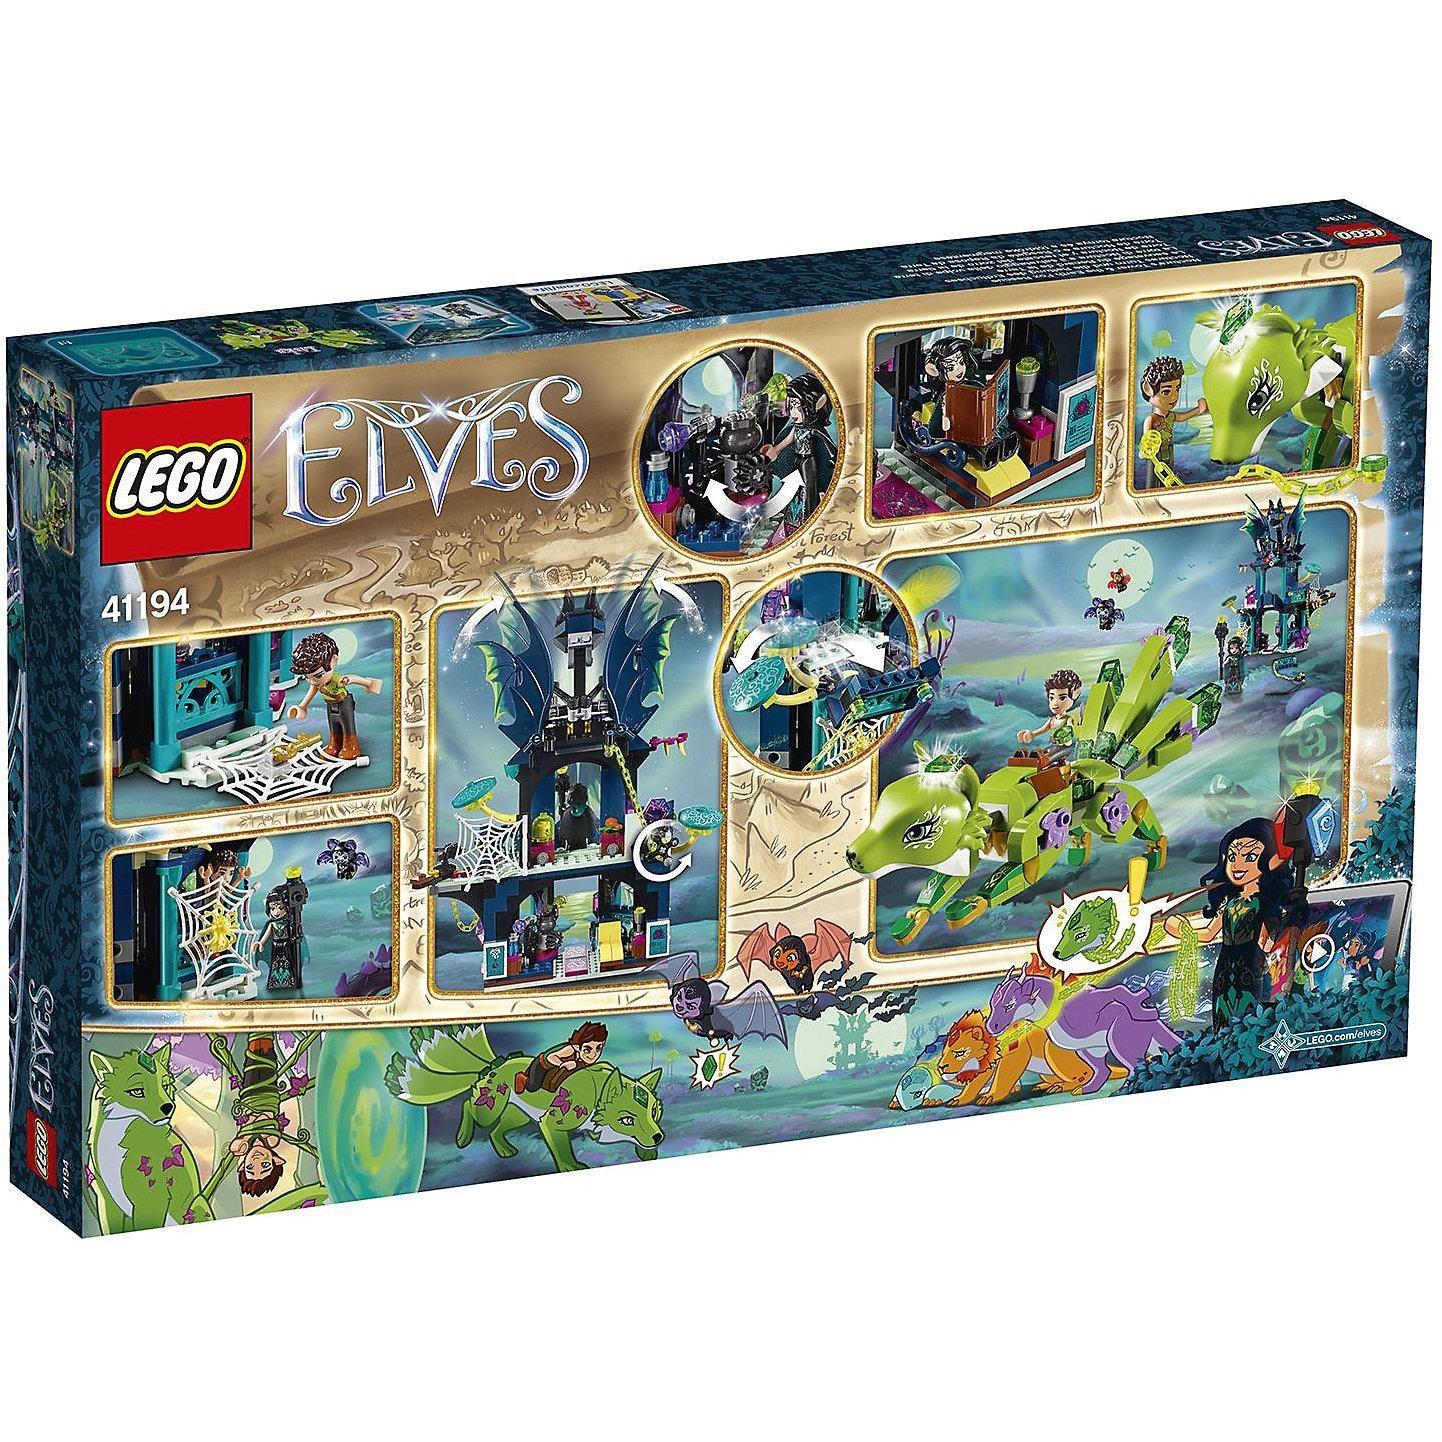 Lego Elves 41194 Nocturas Turm und die Rettung des Erdfuchses